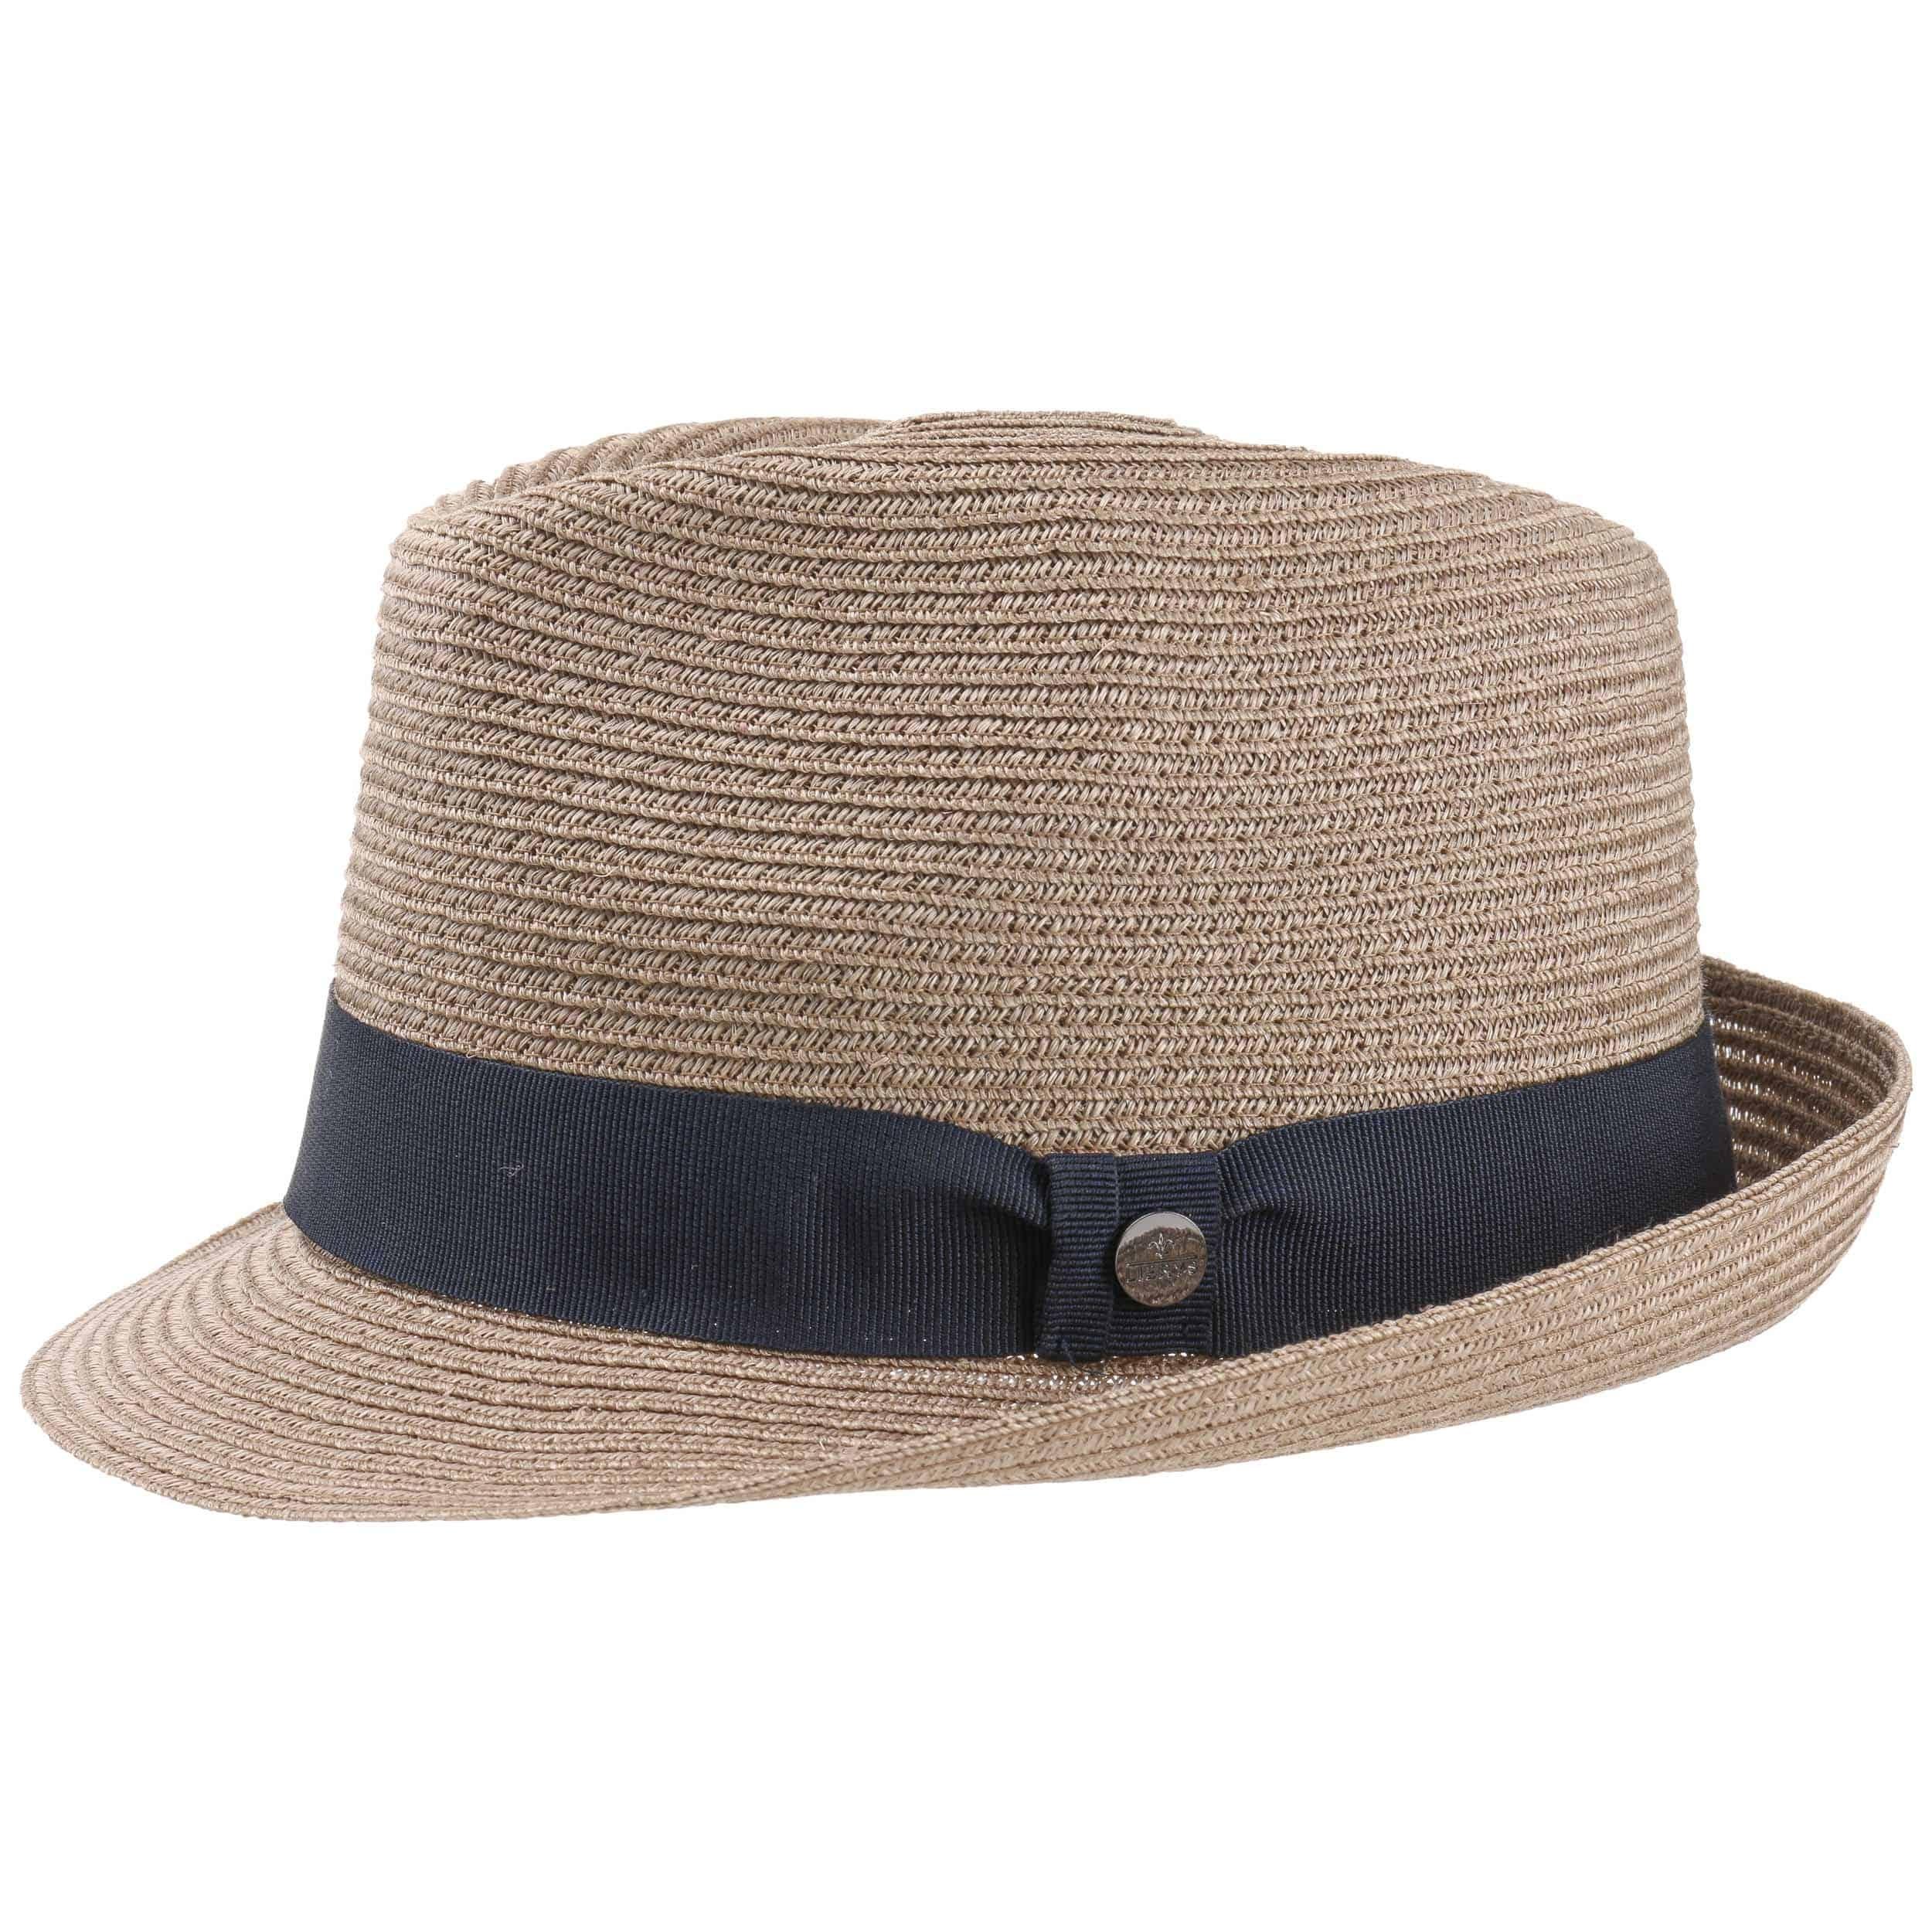 Lavito Trilby Hemp Hat by Lierys Sun hats Lierys gPEy4zRUiE